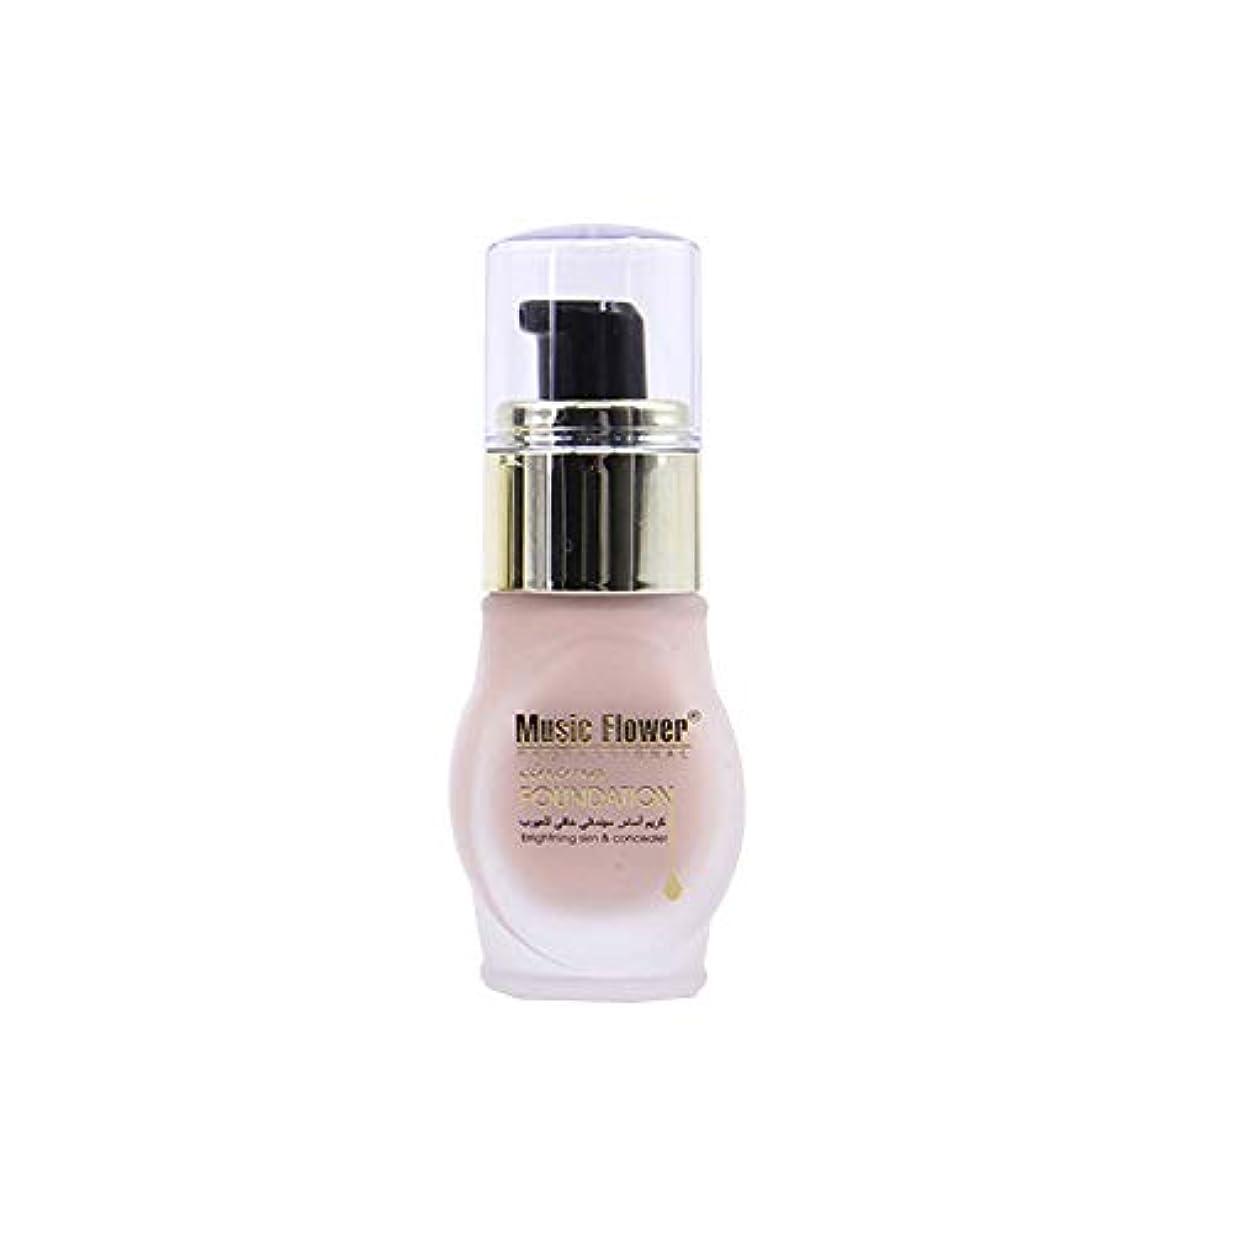 セイはさておきバイソンウィスキービューティー コンシーラー 長続きがする 化粧品 上質 滑らかな風合い 繊細な化粧 自然に見える カバーパーフェクション チップコンシーラー UV対策 裸化粧品